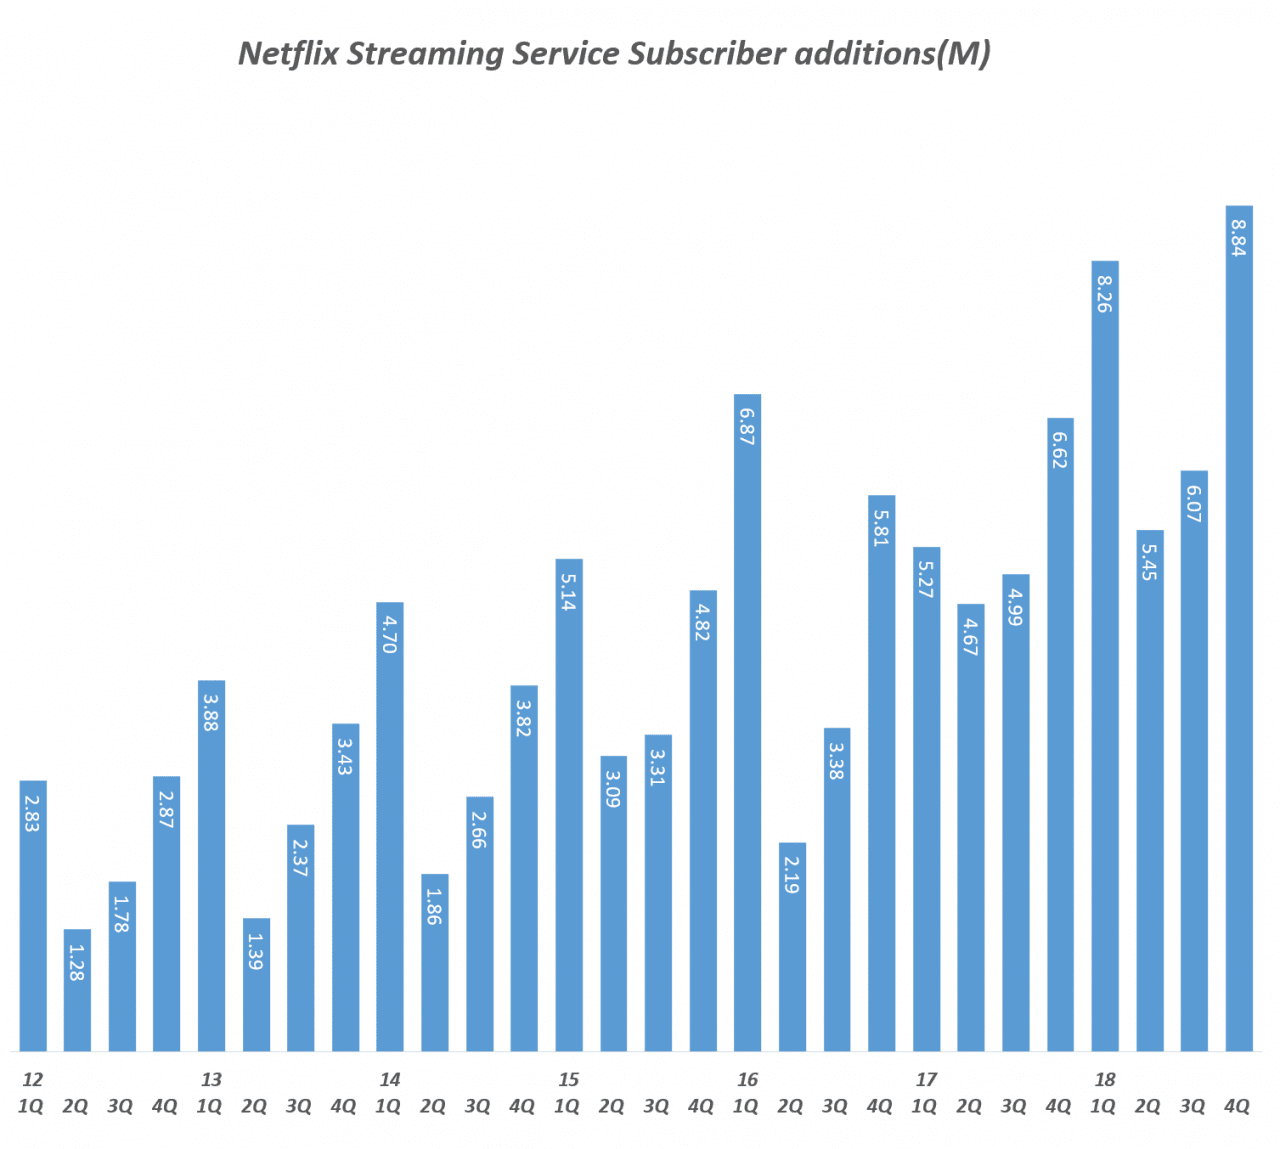 넷플릭스 분기별 스트리밍 서비스 유료 구독자 증가 추이(2012년 1분기 ~ 2018년 4분기), Quarterly Netflix Streaming Service Subscriber additions(M), Graph by Happist